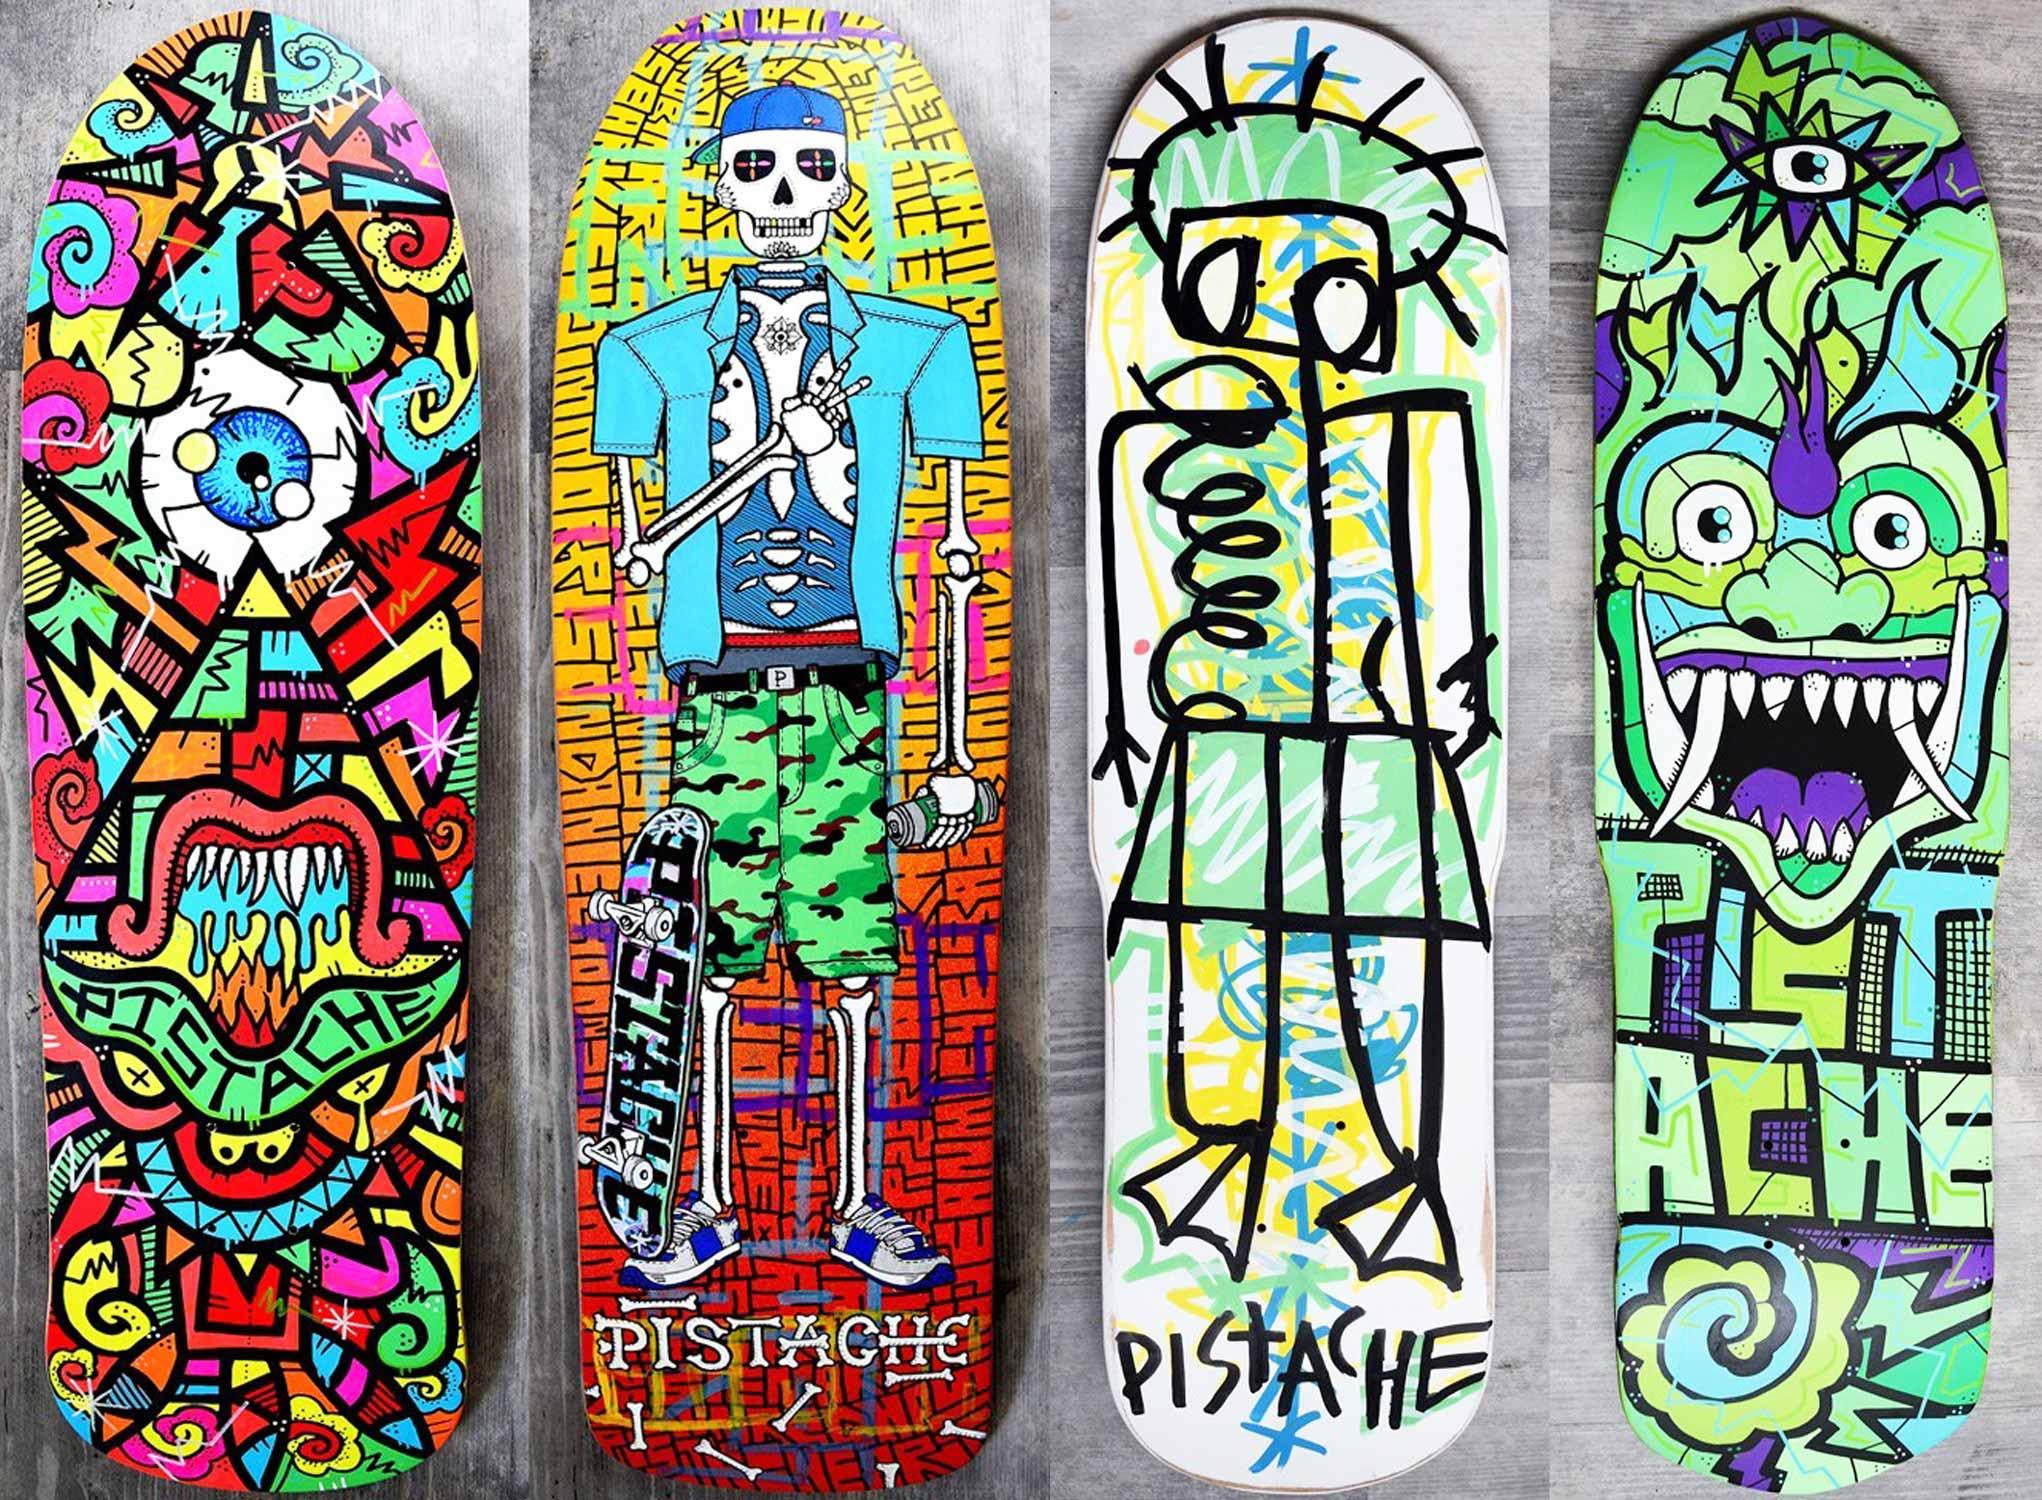 Win Skate Art by Pistache Artists